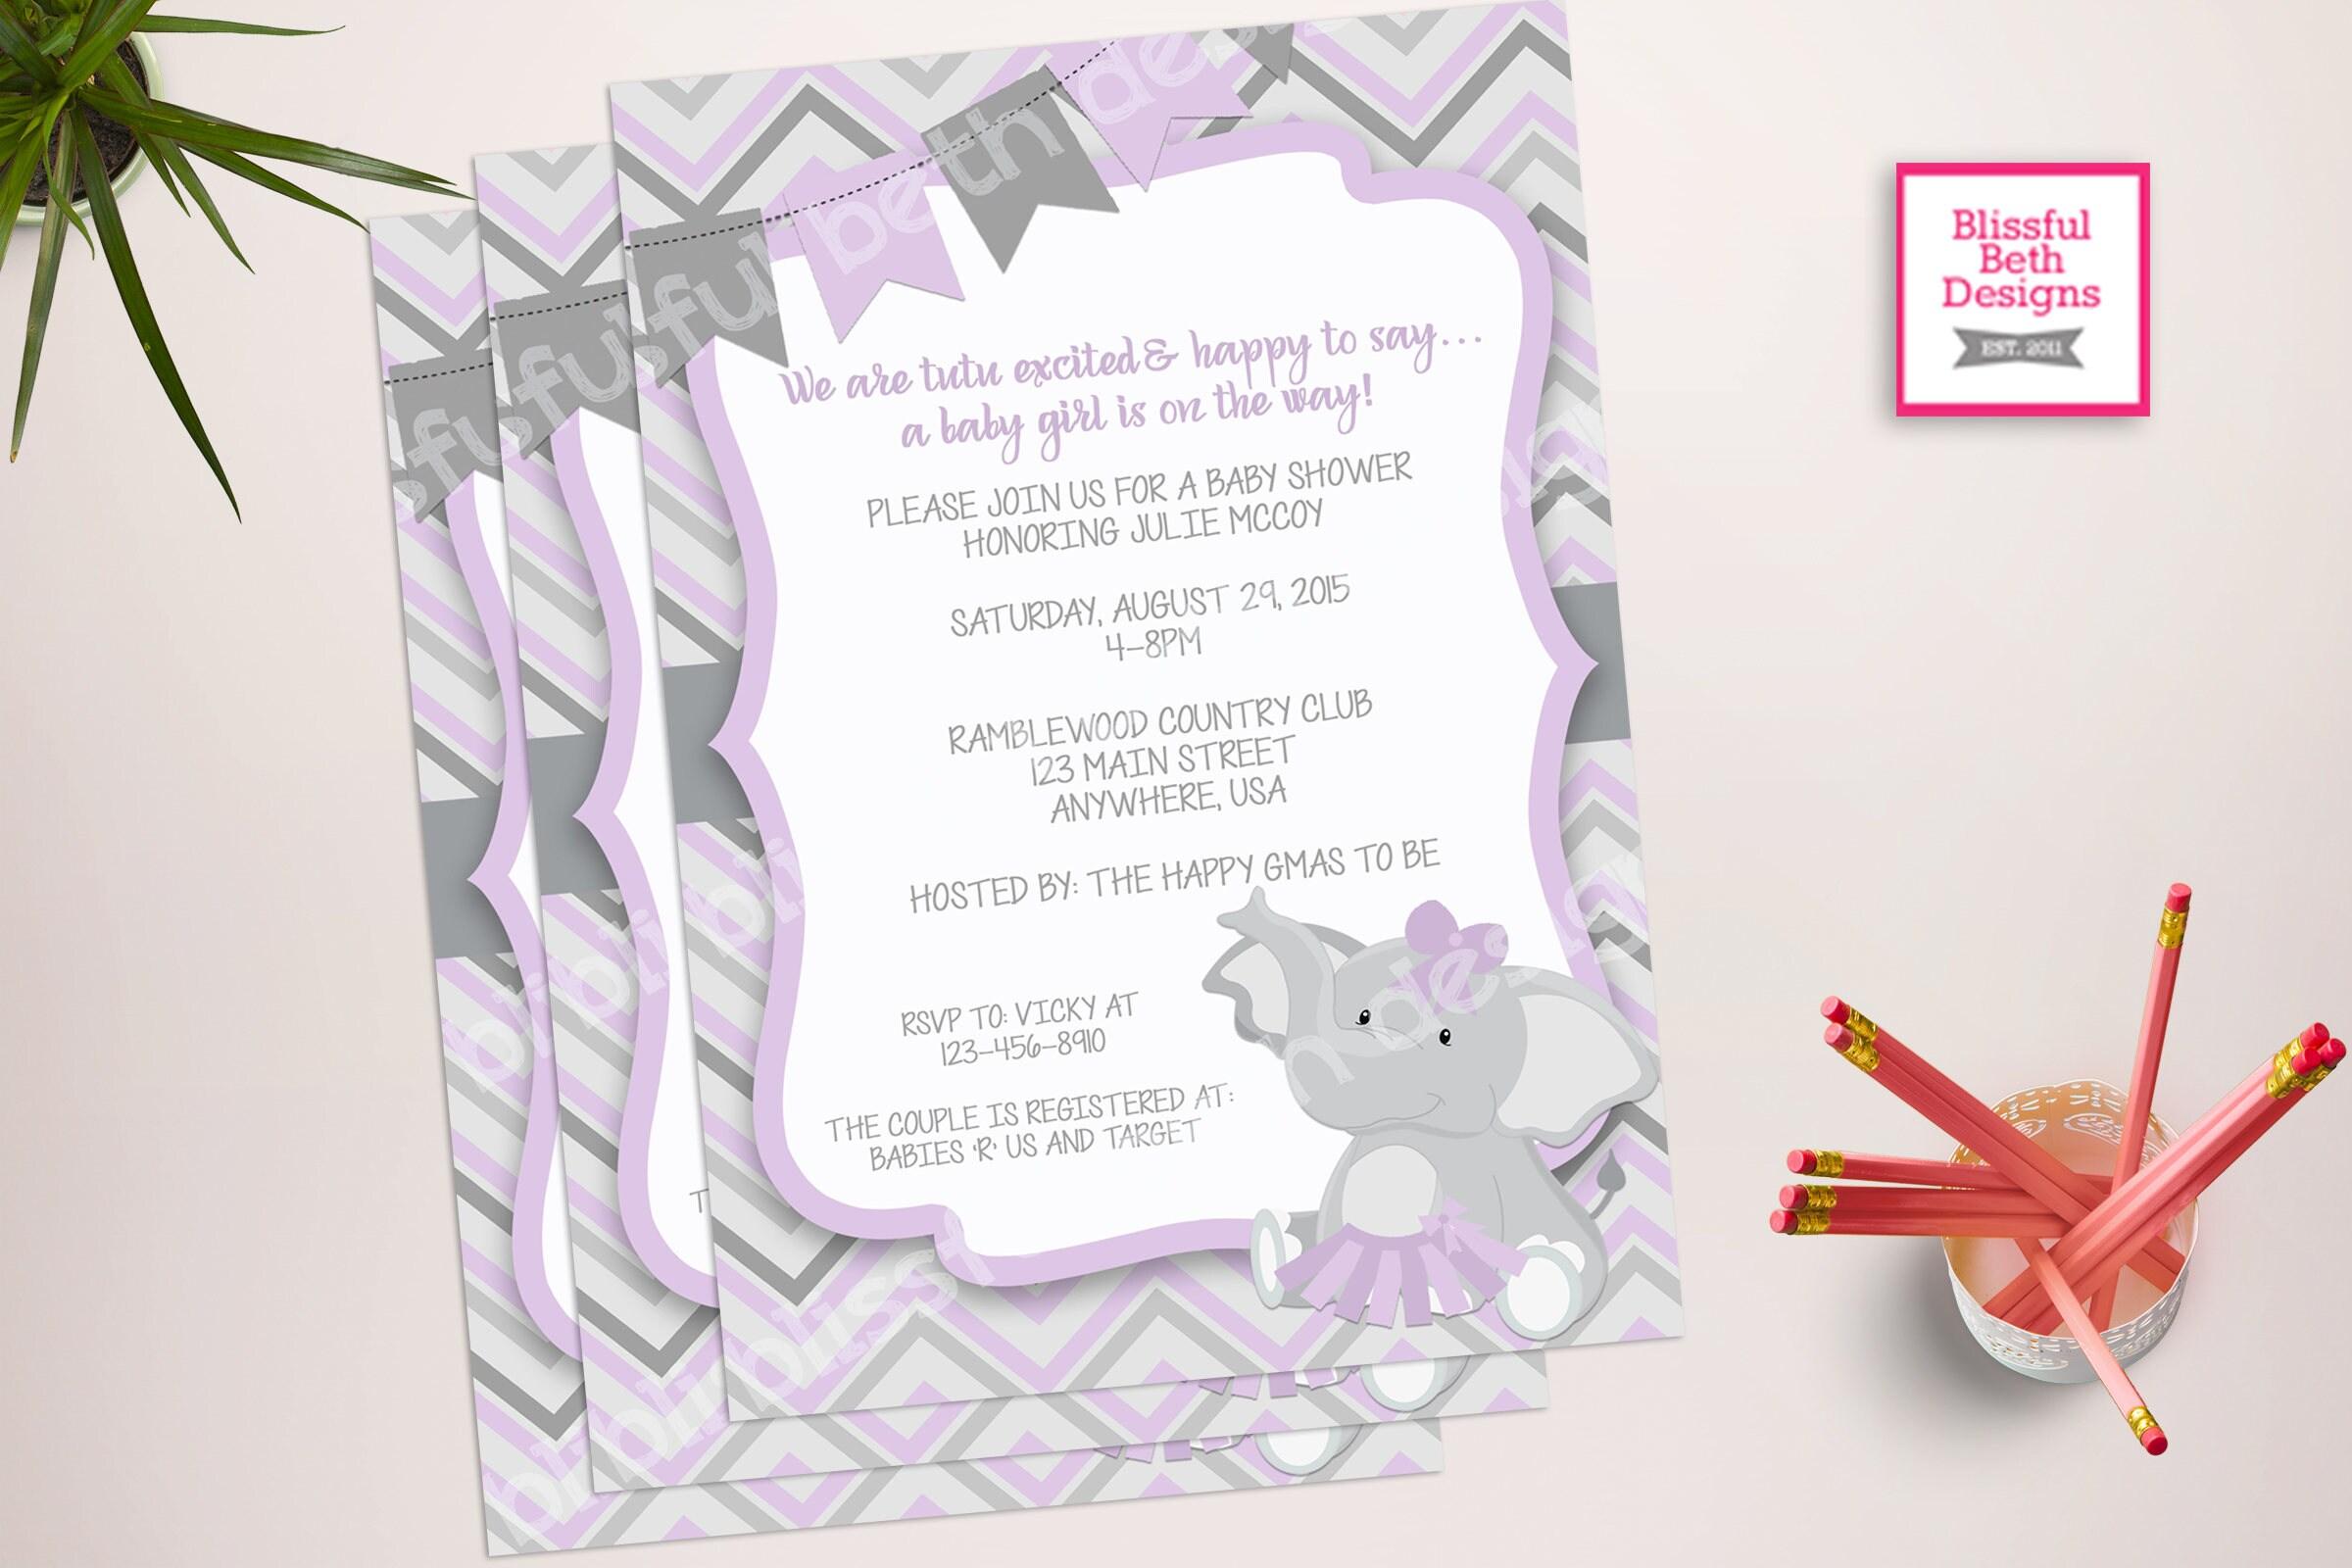 purple elephant tutu elephant tutu baby shower invitation elephant tutu purple gray baby girl baby shower invitation purple and gray